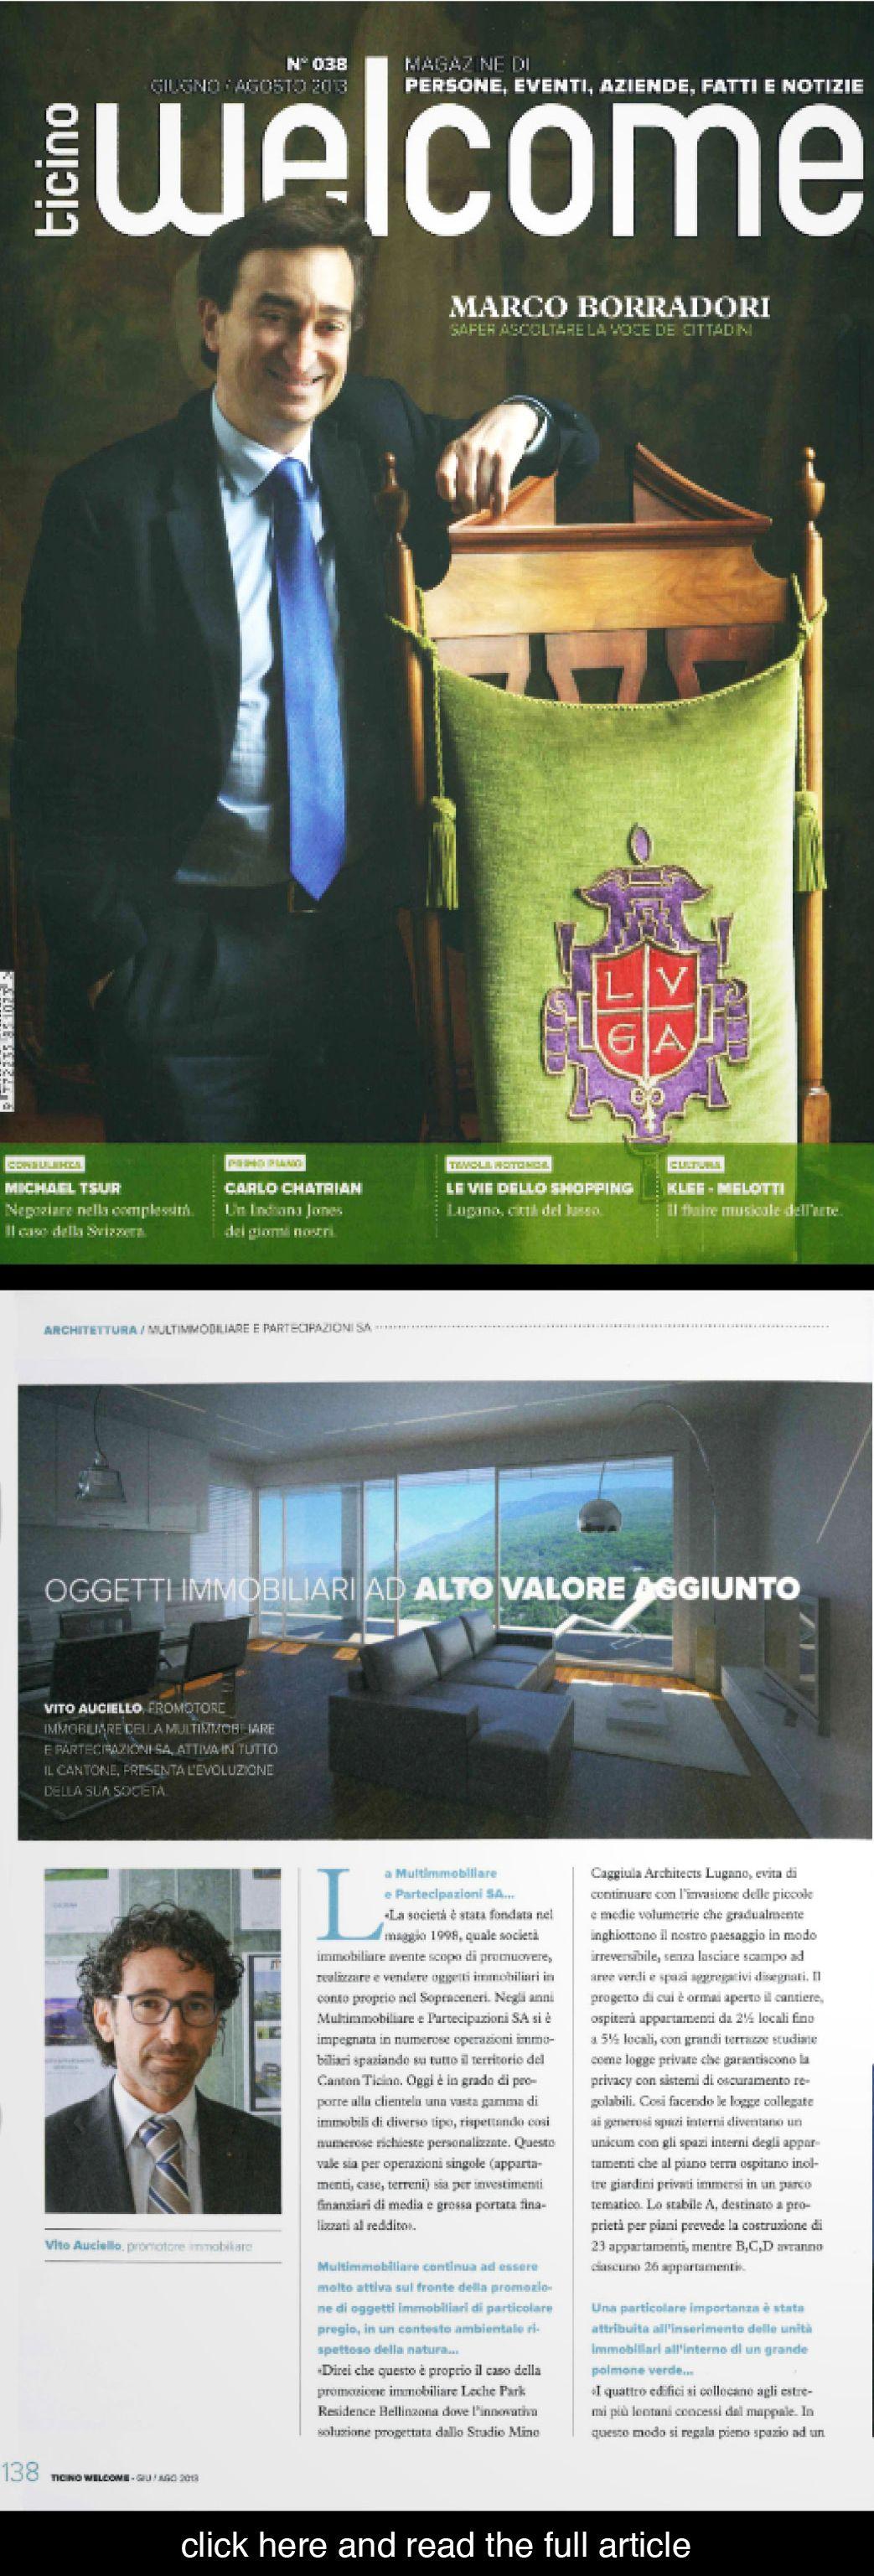 Mino Caggiula Architects on Ticino 1st issue